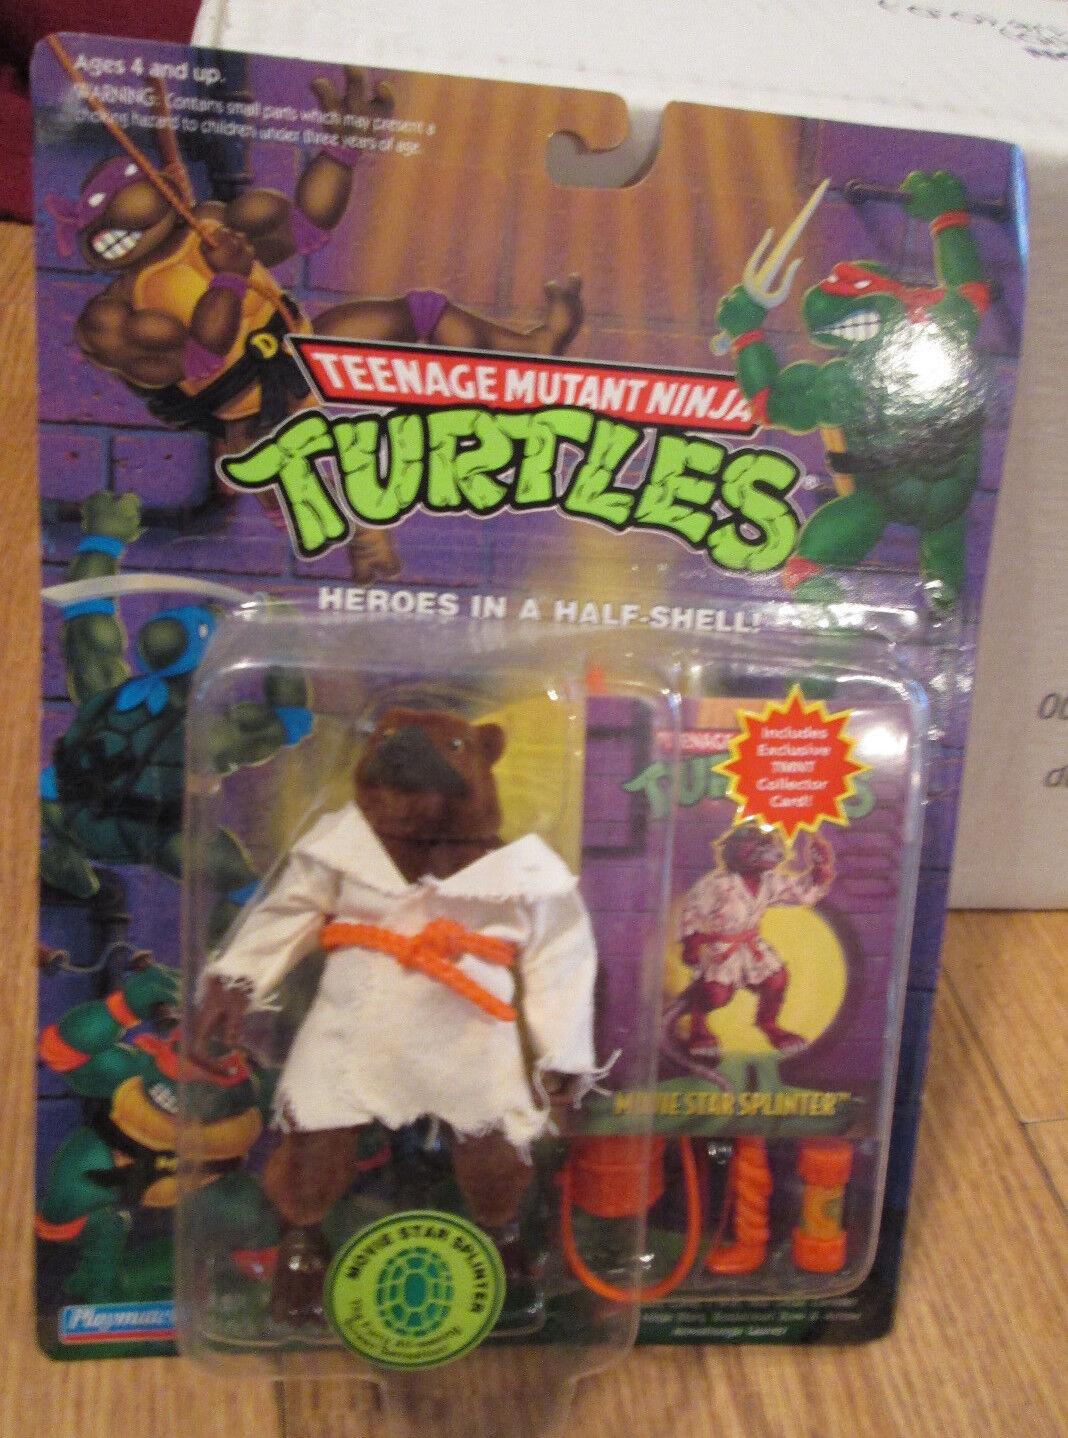 MOVIE STAR SPLINTER FIGURE Teenage Mutant Ninja Turtles W Collectors CARD TMNT